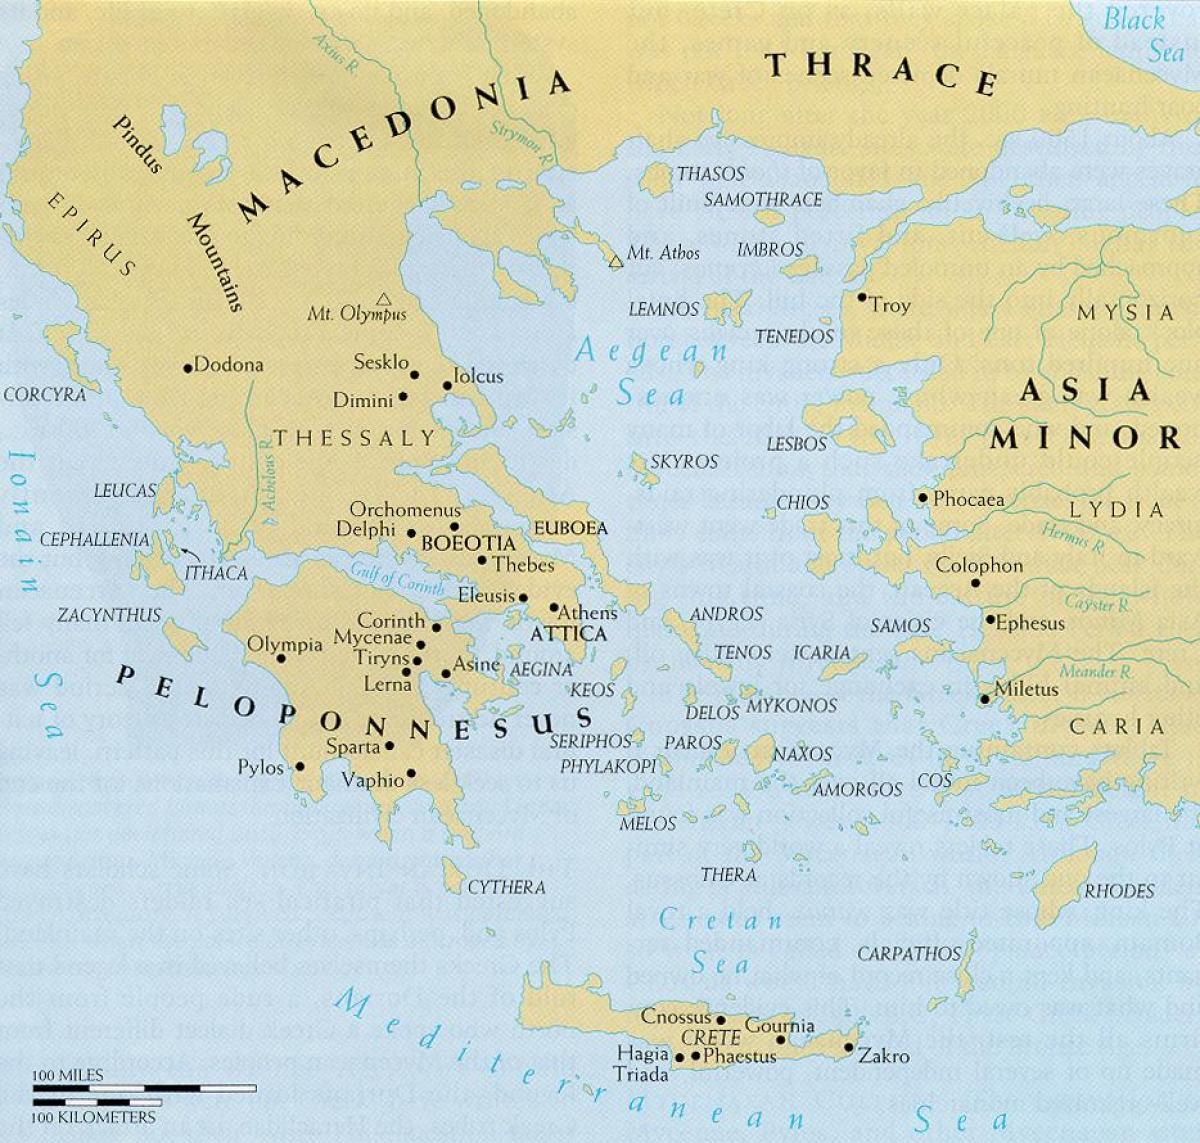 Karta Varlden Europa.Antikens Grekland Och De Egeiska Varlden Karta Karta Over Antikens